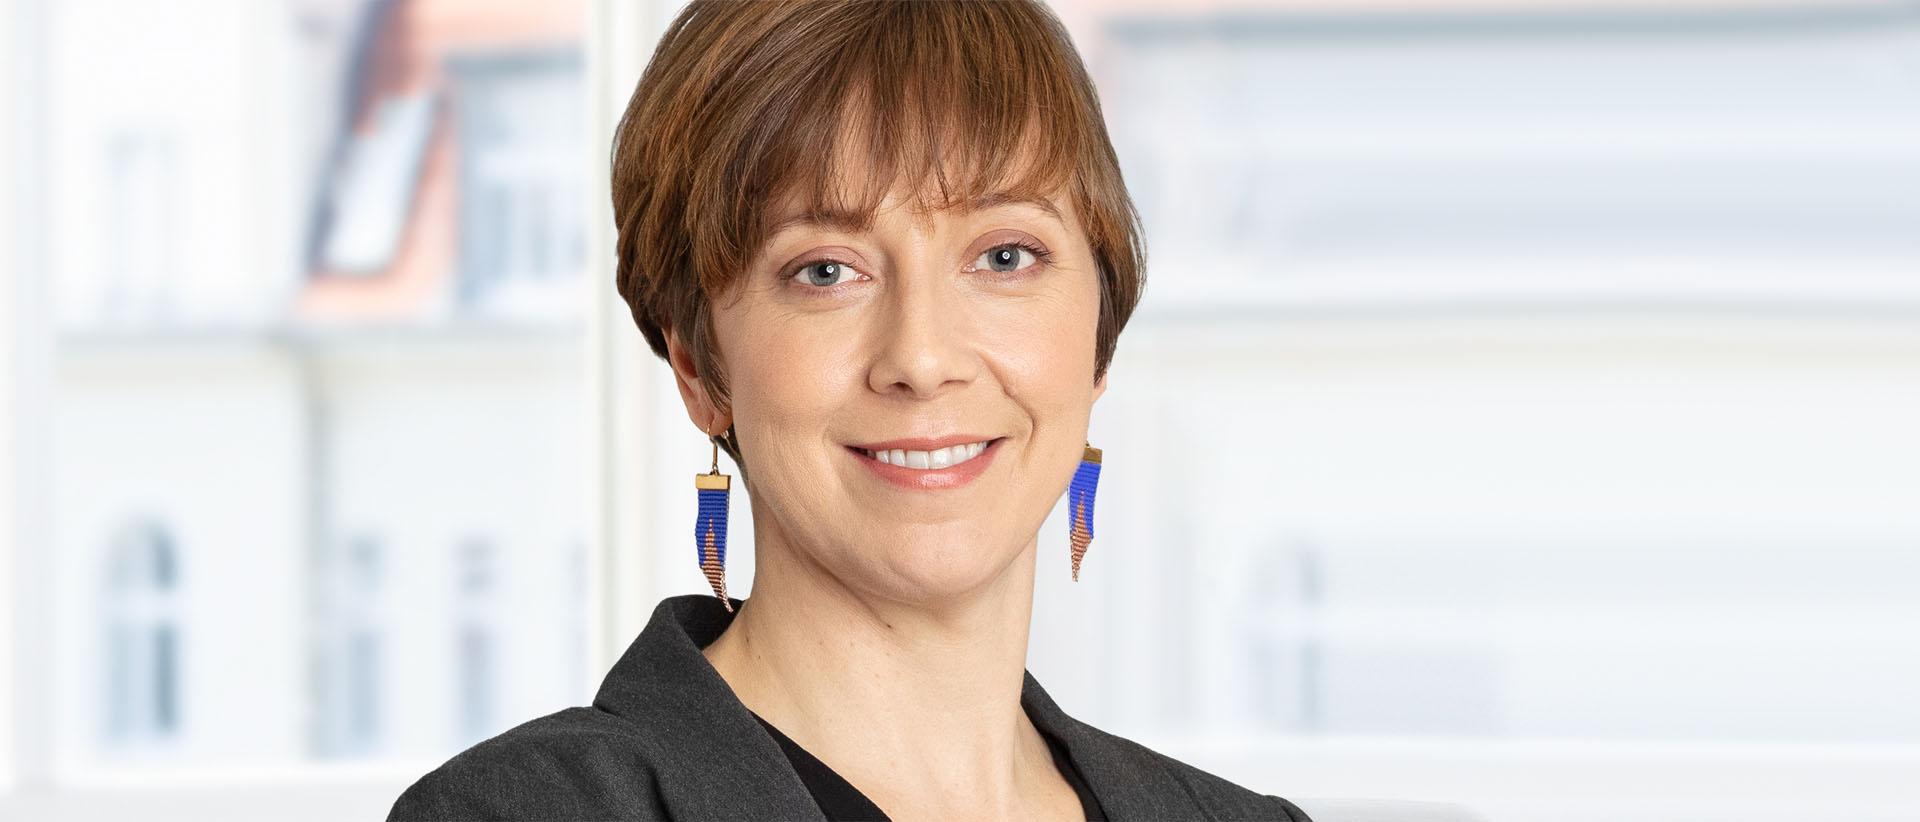 kate-heiny-director-sustainability-zalando-sprich-so-ber-nachhaltigkeit-dass-es-jede-r-versteht